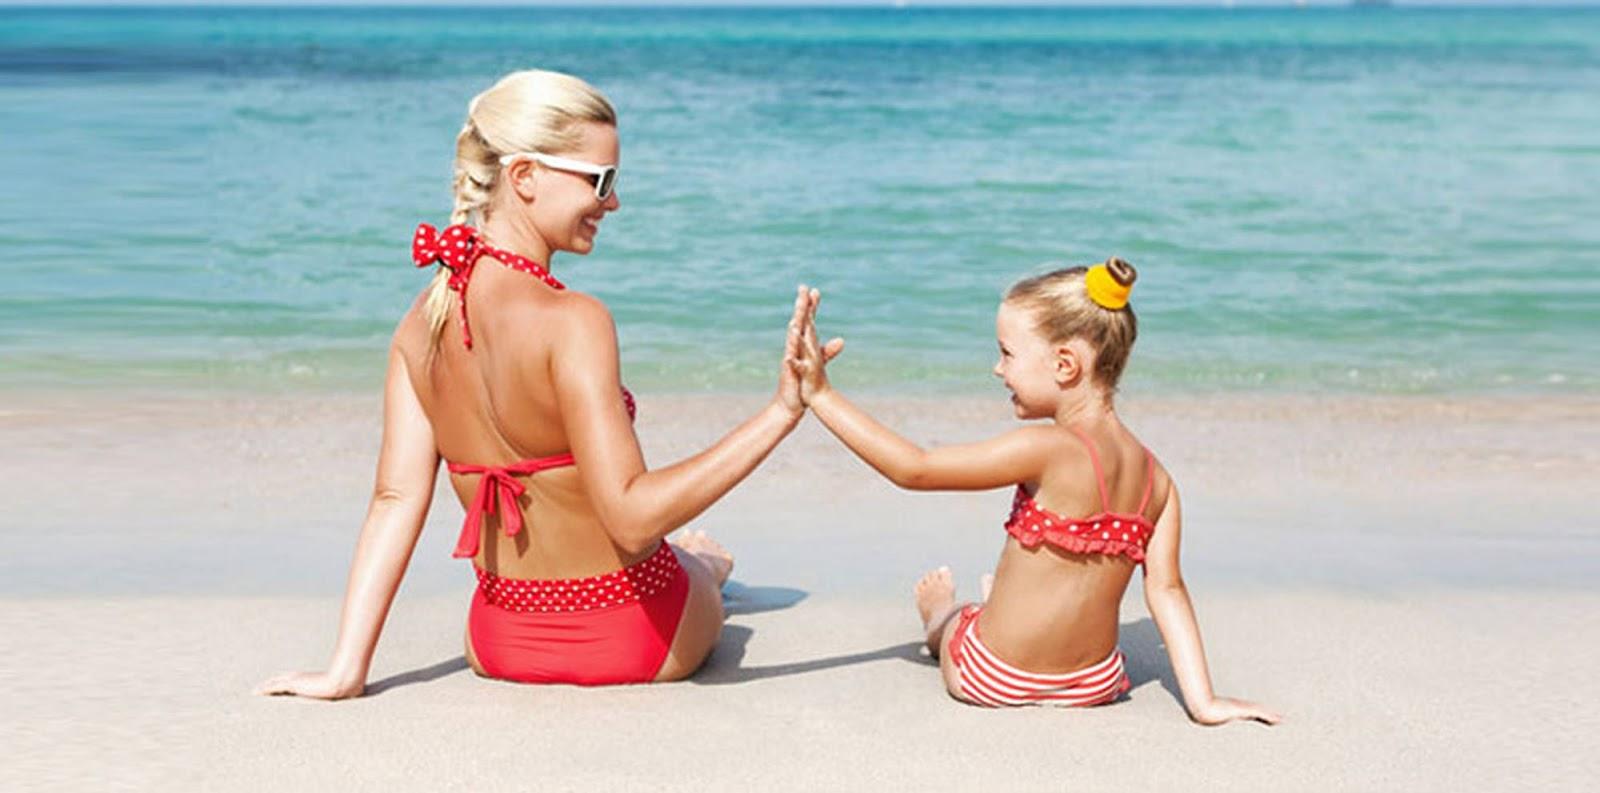 Фото с пляжей мам и дочек 19 фотография